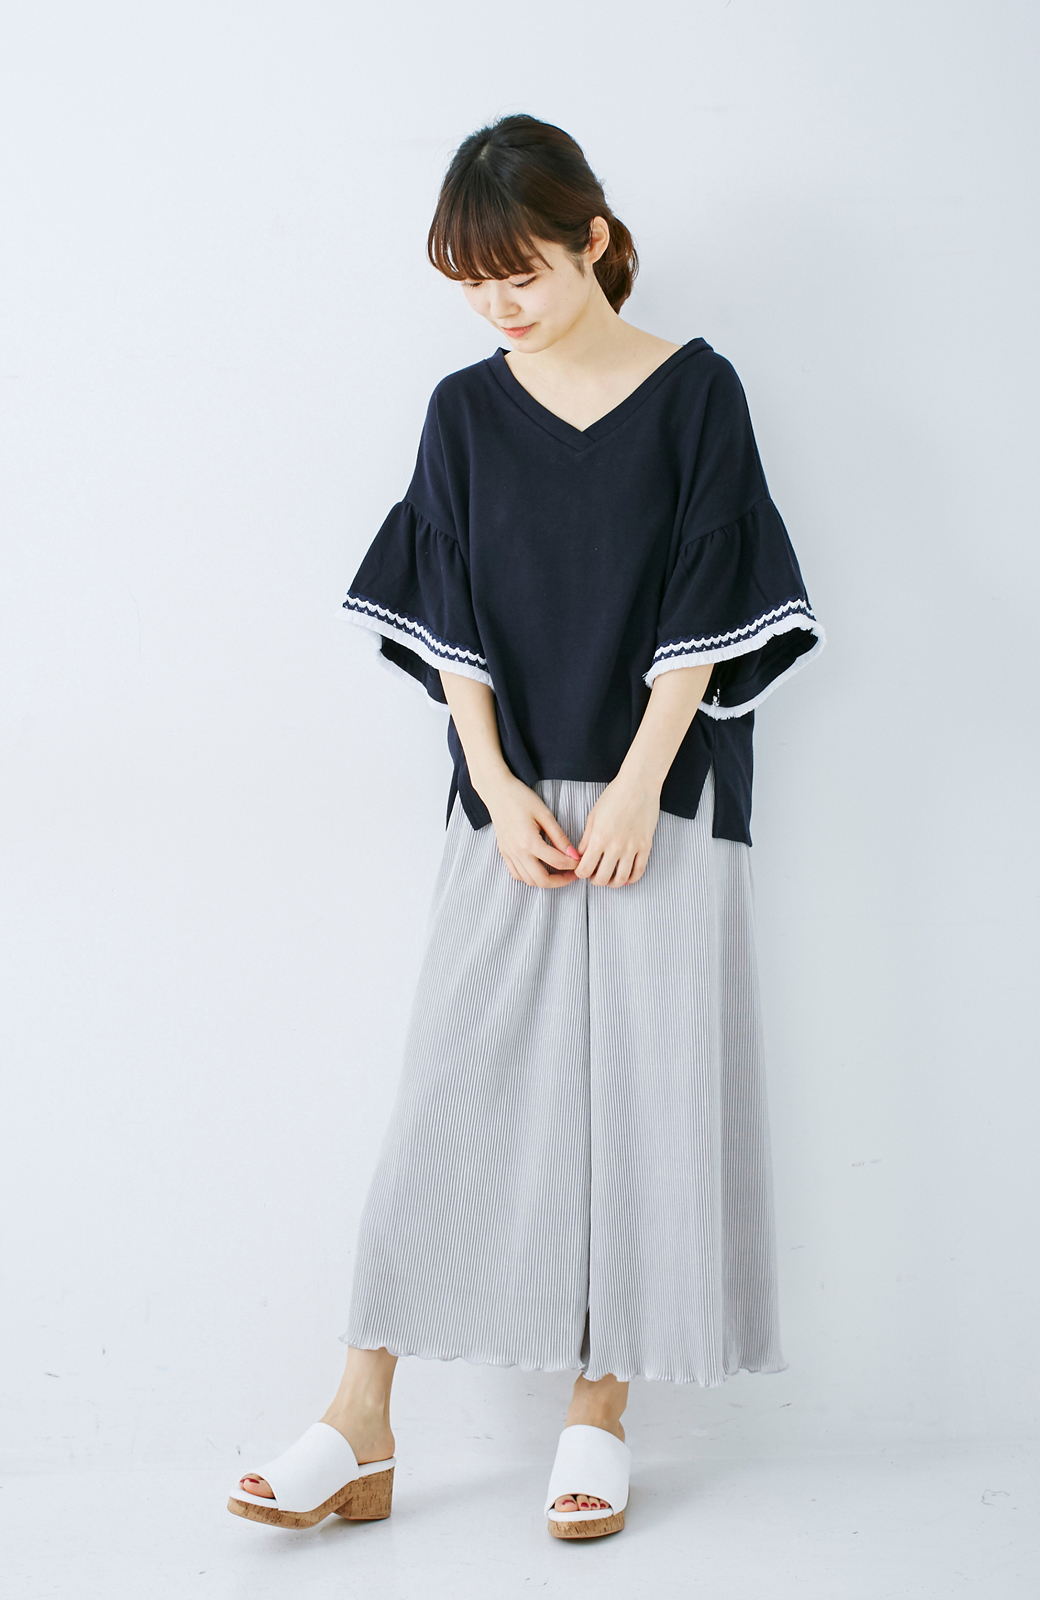 エムトロワ 女らしくフリンジを楽しむ Vネックふんわり袖トップス <ネイビー>の商品写真5